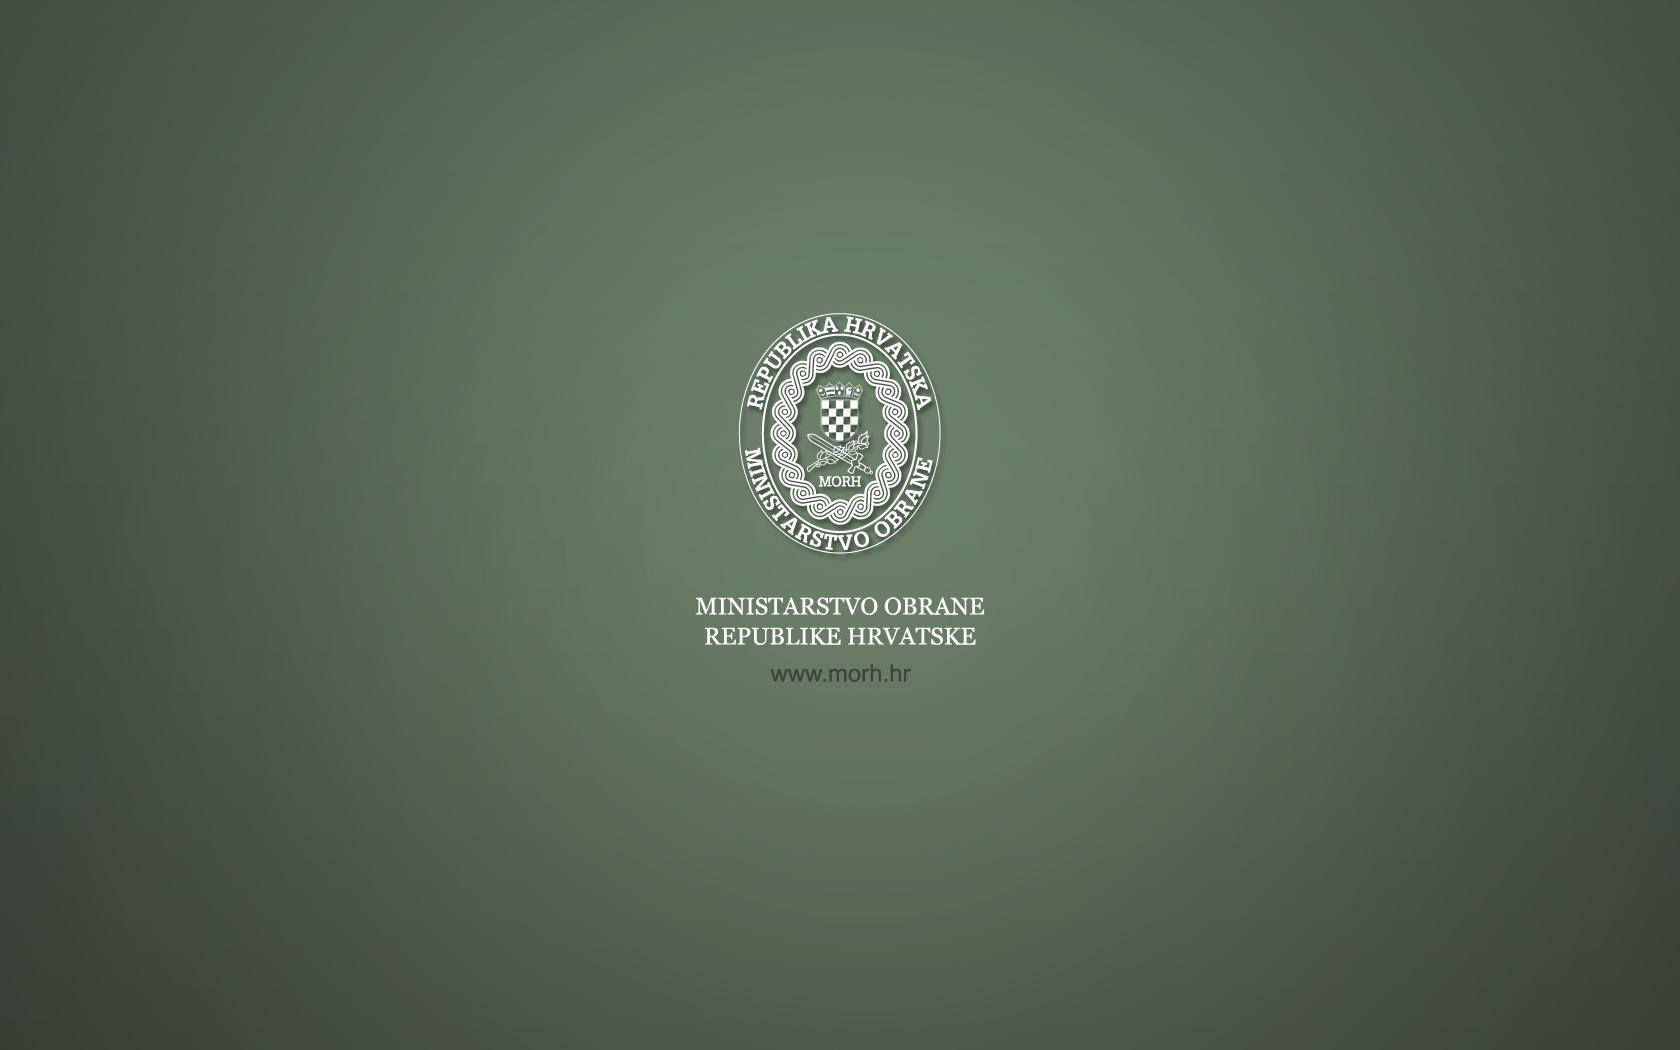 MORH grb 1680 x 1050